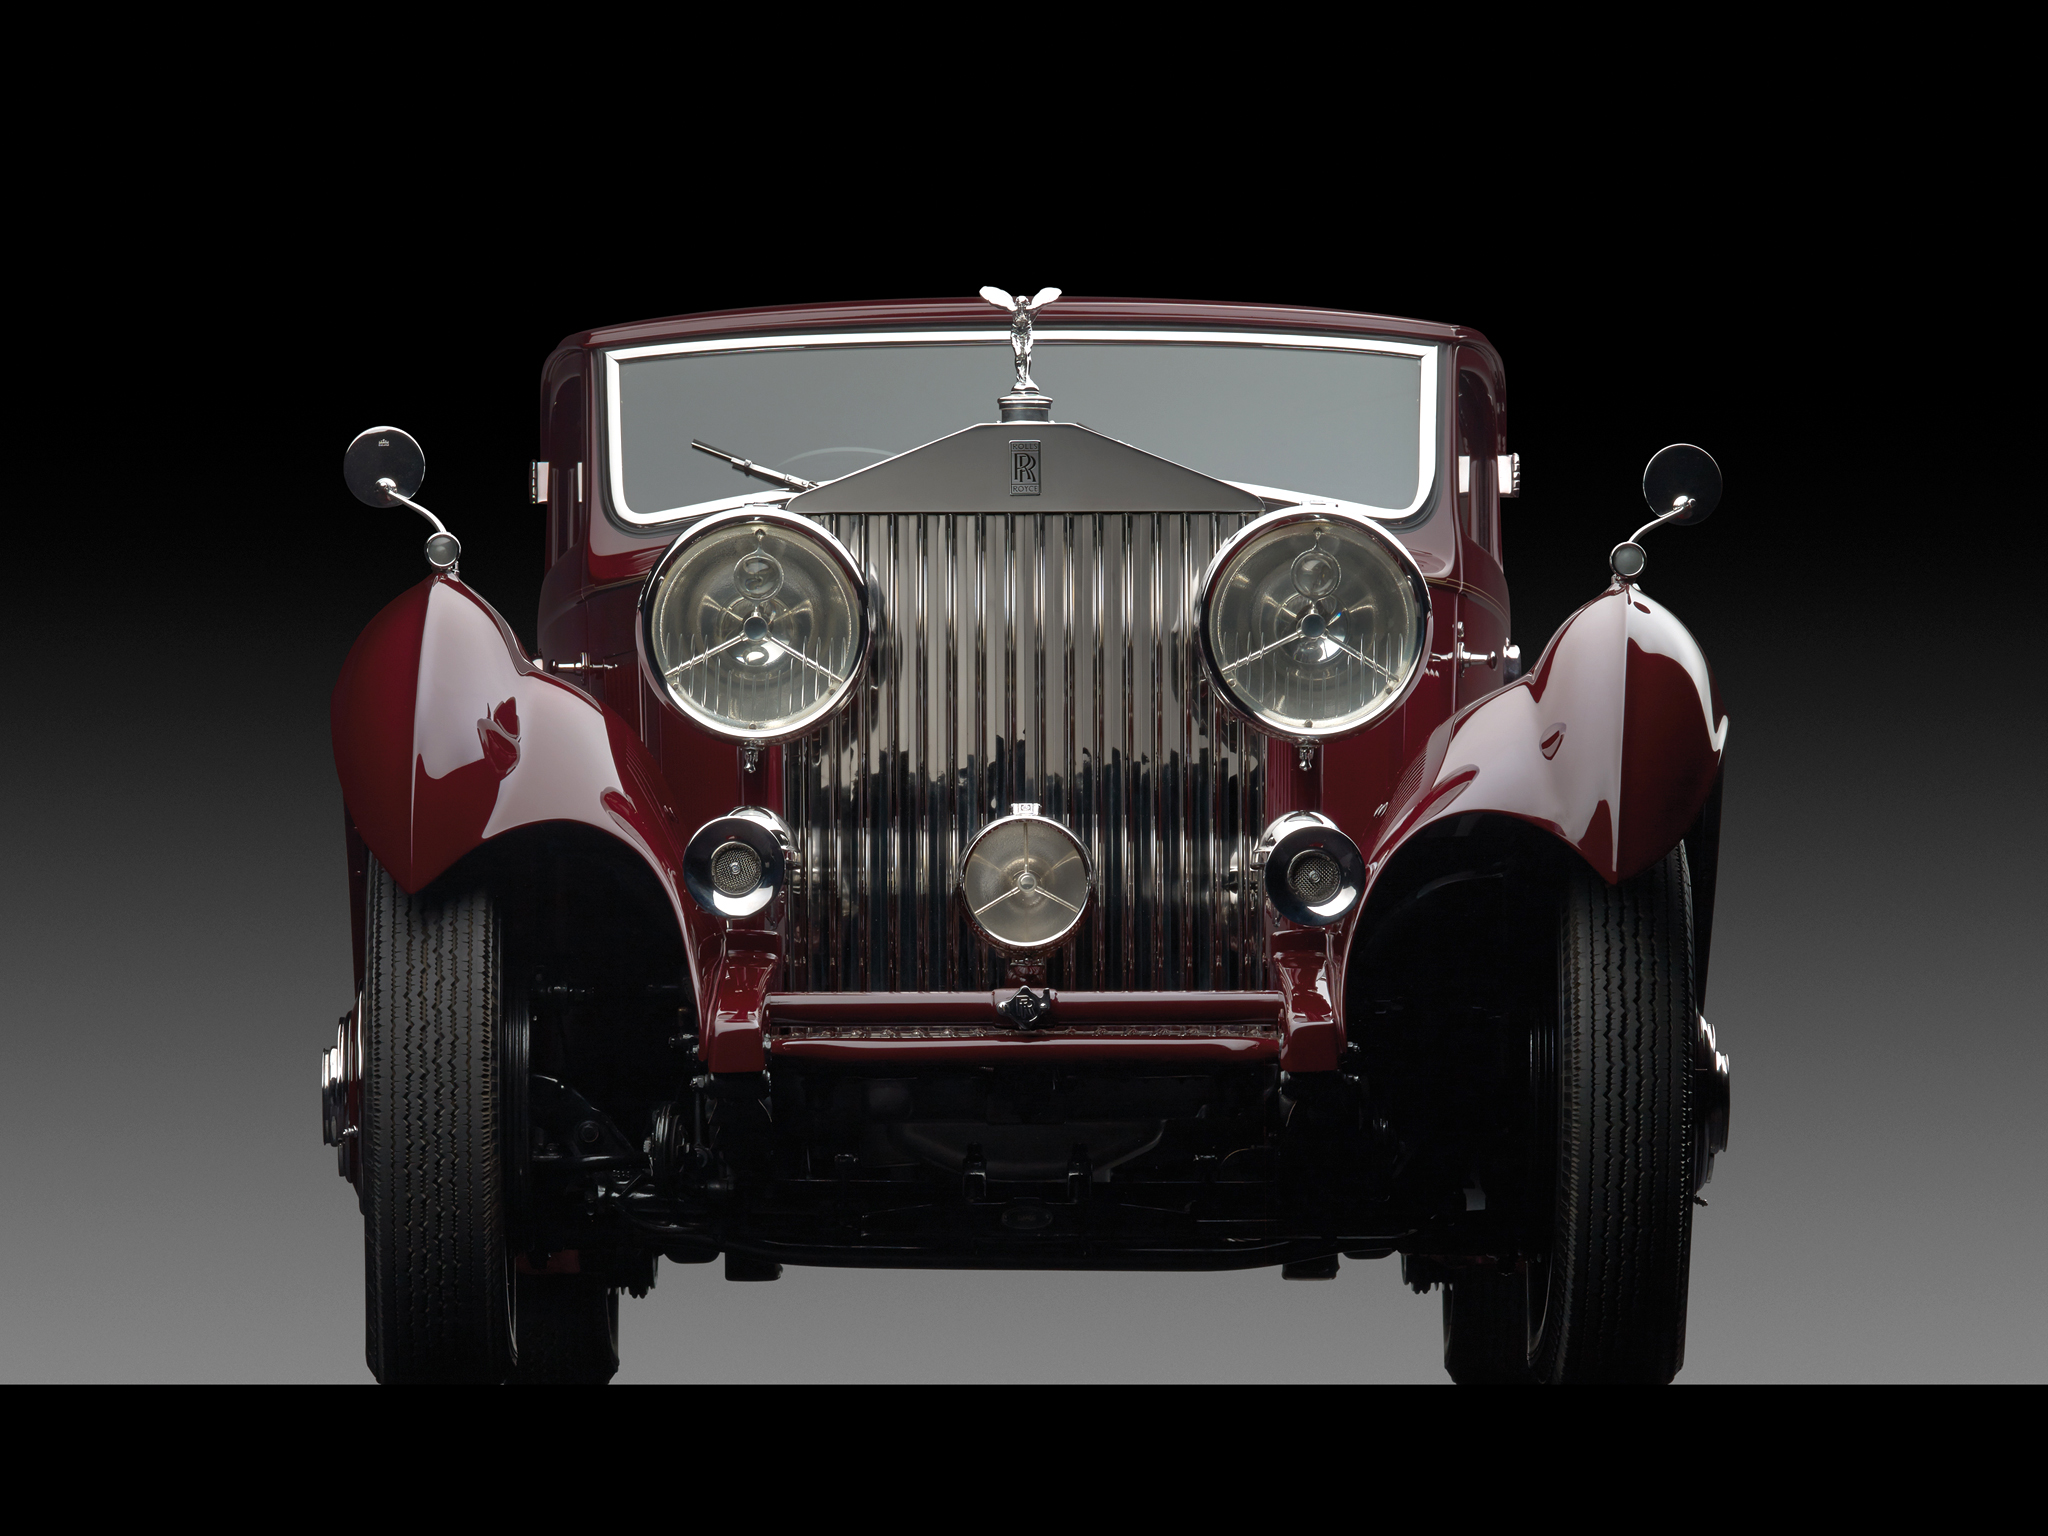 Rolls Royce Dawn Wallpaper HD Car Wallpapers 1920?1080 Rolls Royce ...